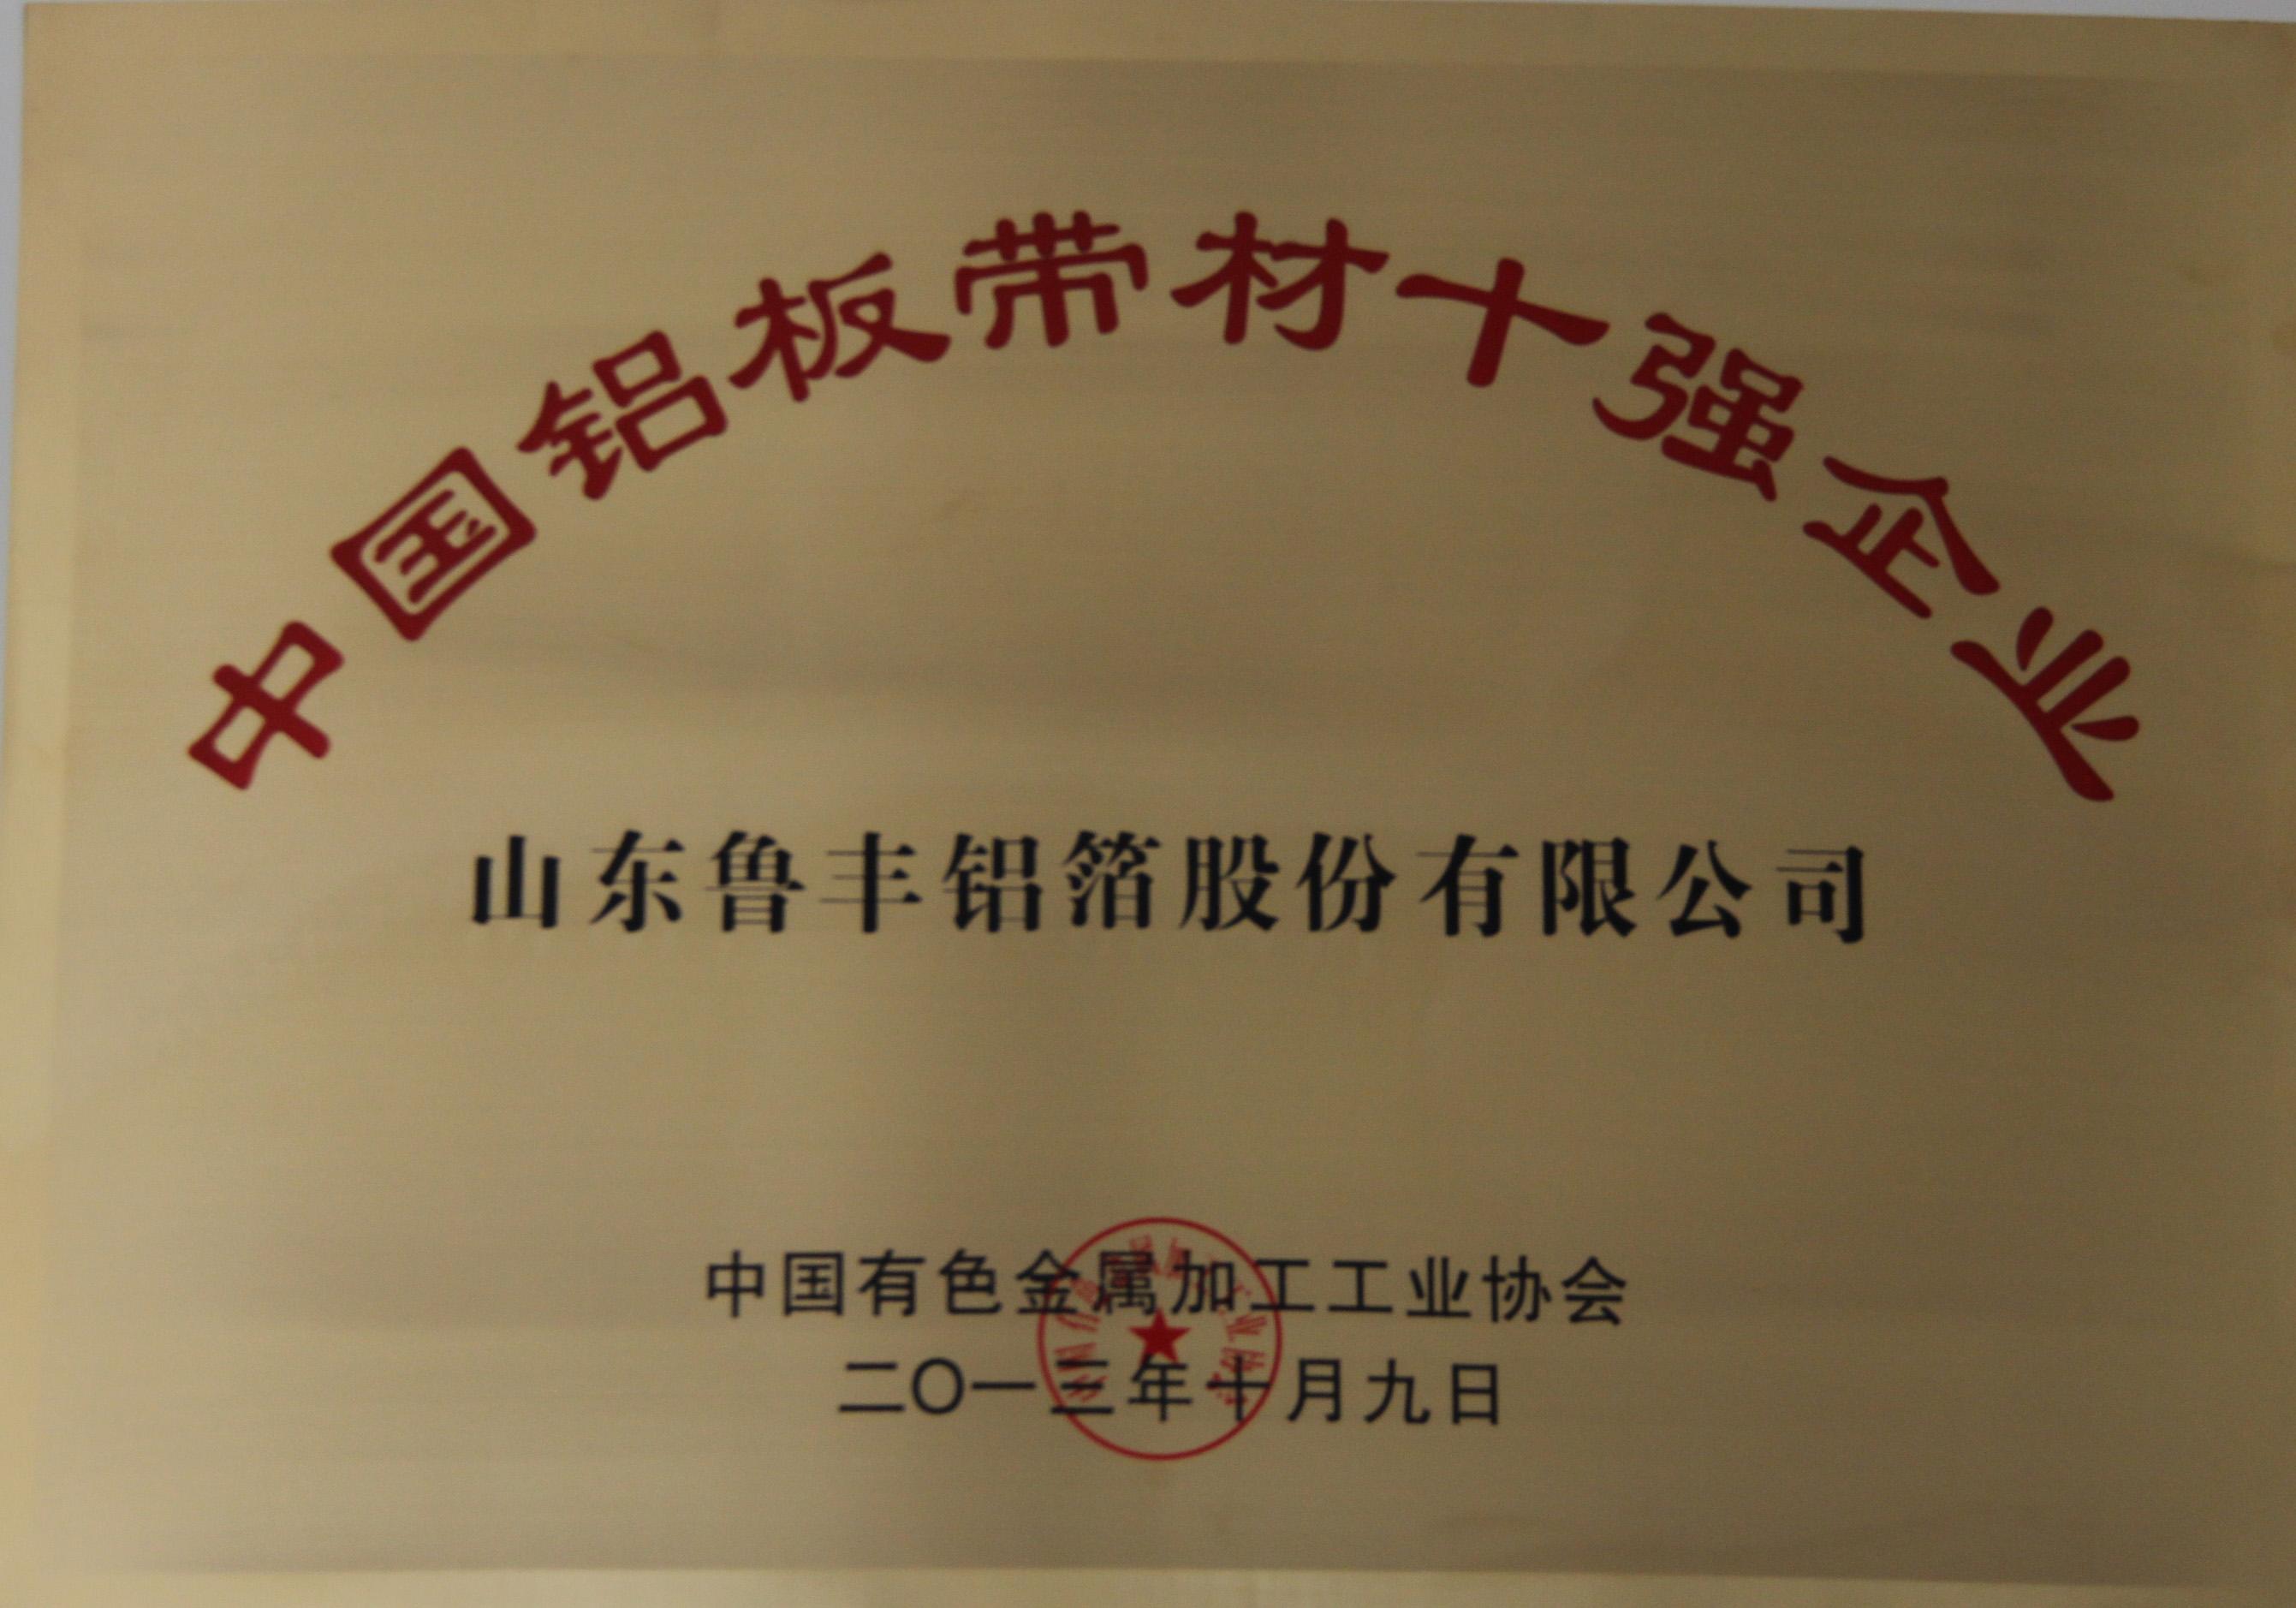 鲁丰股份2013年荣登中国铝板带材行业、铝箔材行业十强榜单